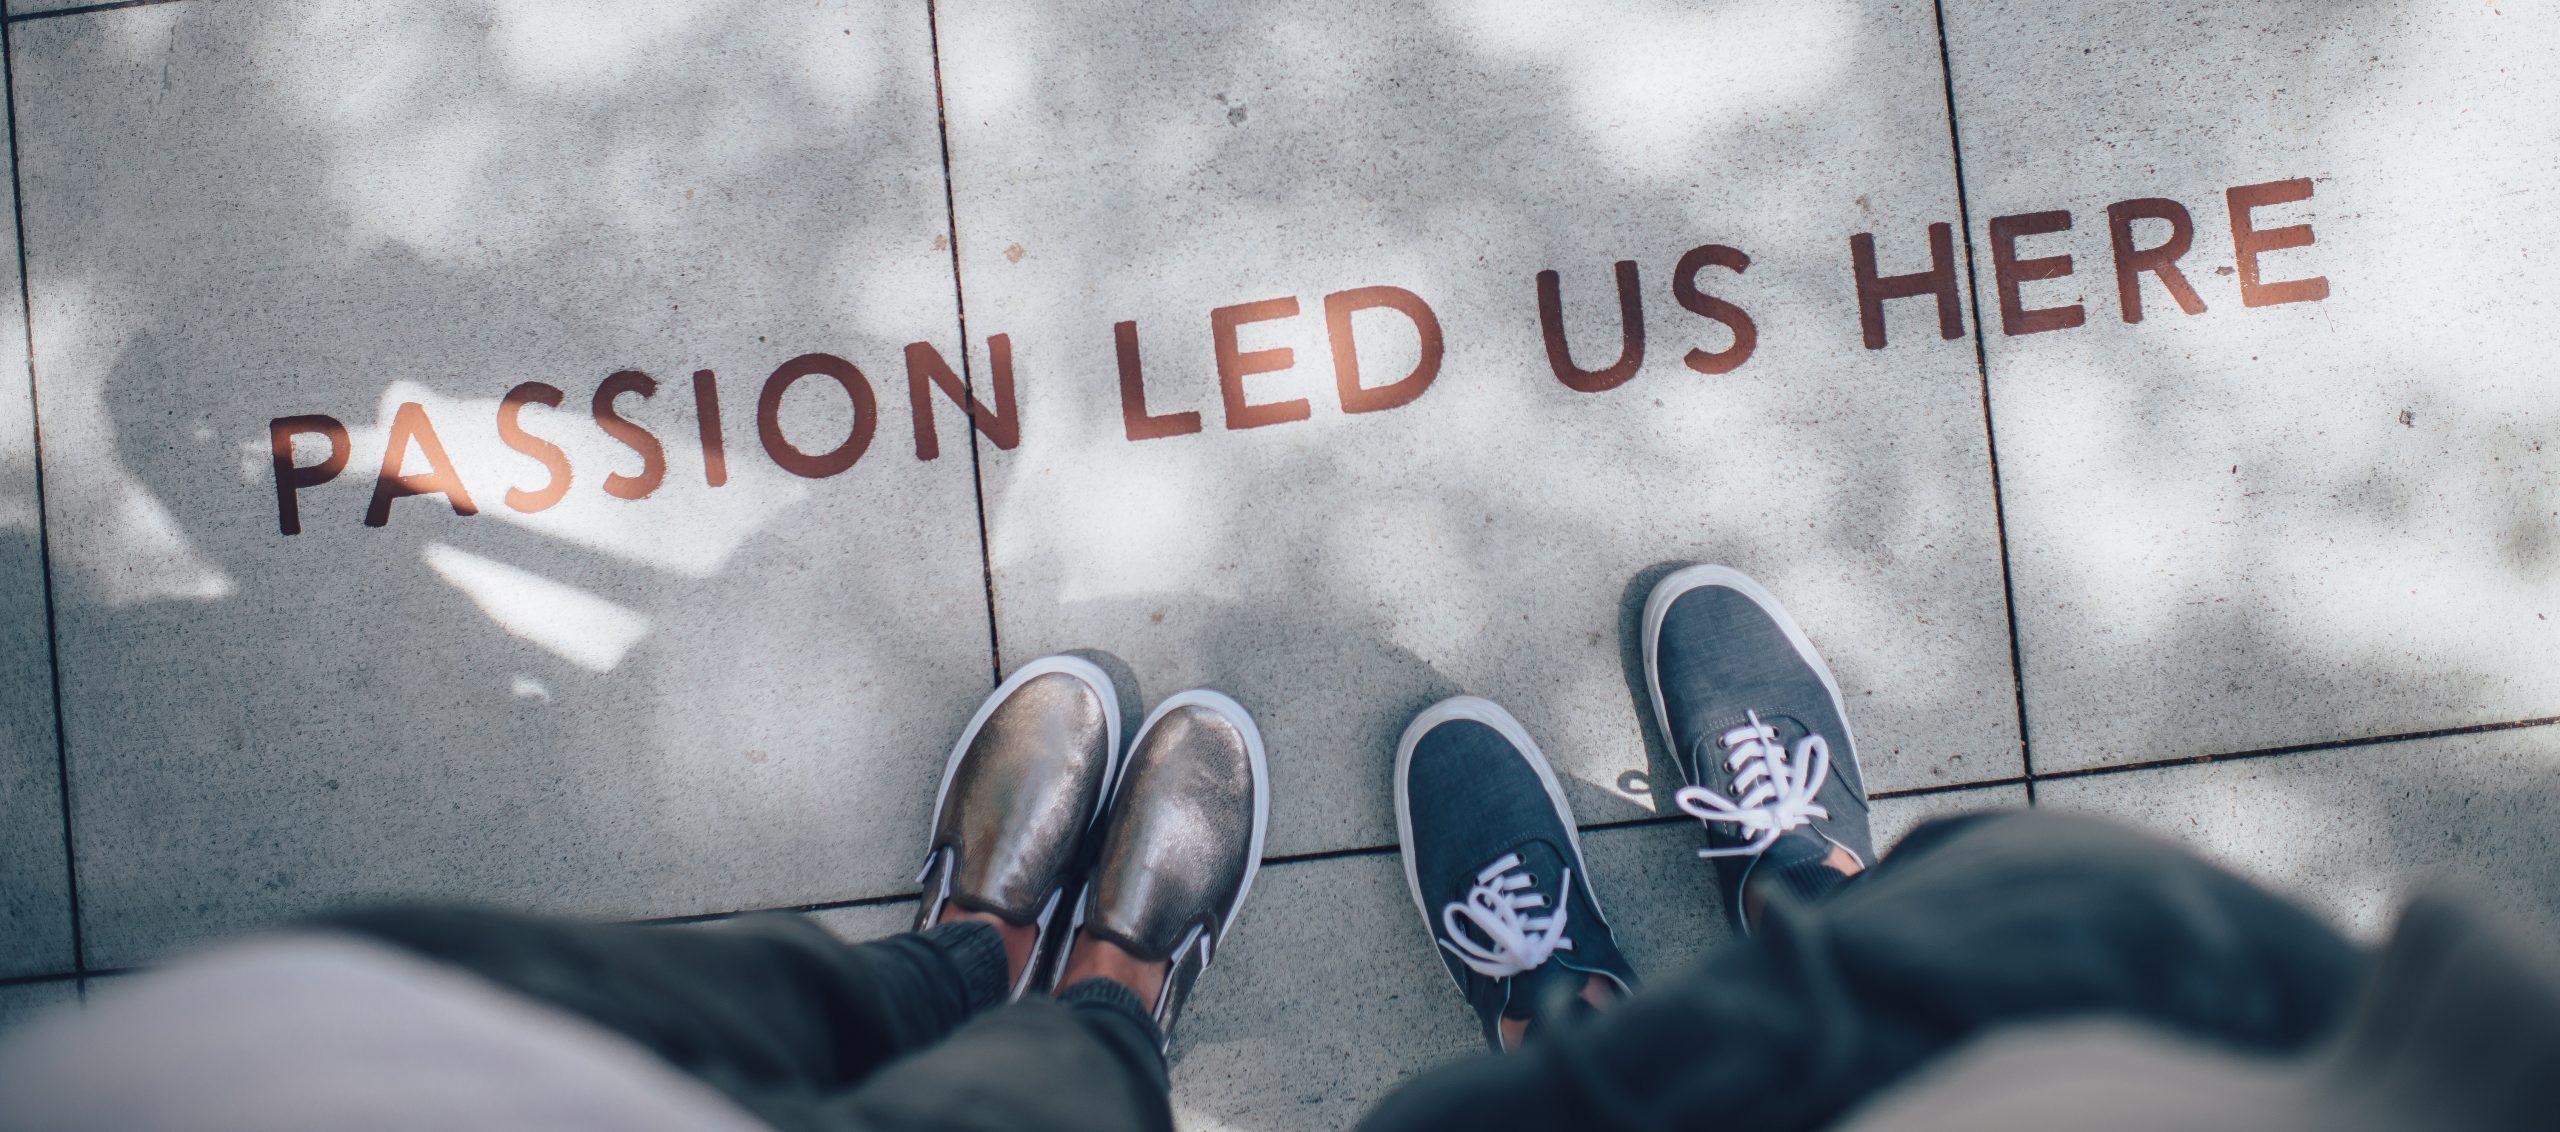 Festival FOCUS | photo de sol avec chaussures devant slogan -passion led us here- représentant toutes les infos utiles sur nos partenaires